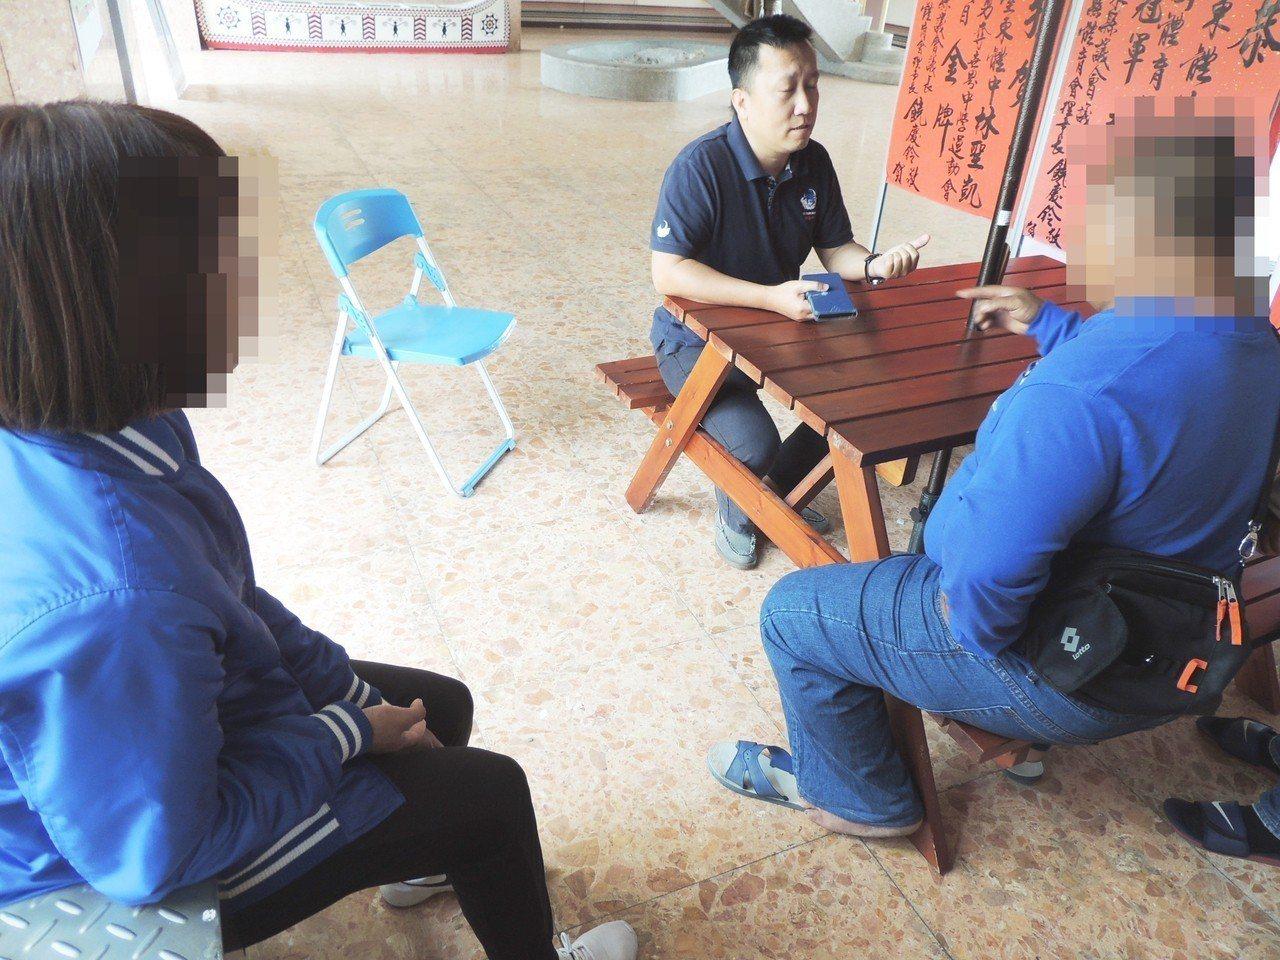 昨天開學首日,有家長到台東體中要求查帳,並指責學校漠視縱容,萬一余女還不出錢,學...